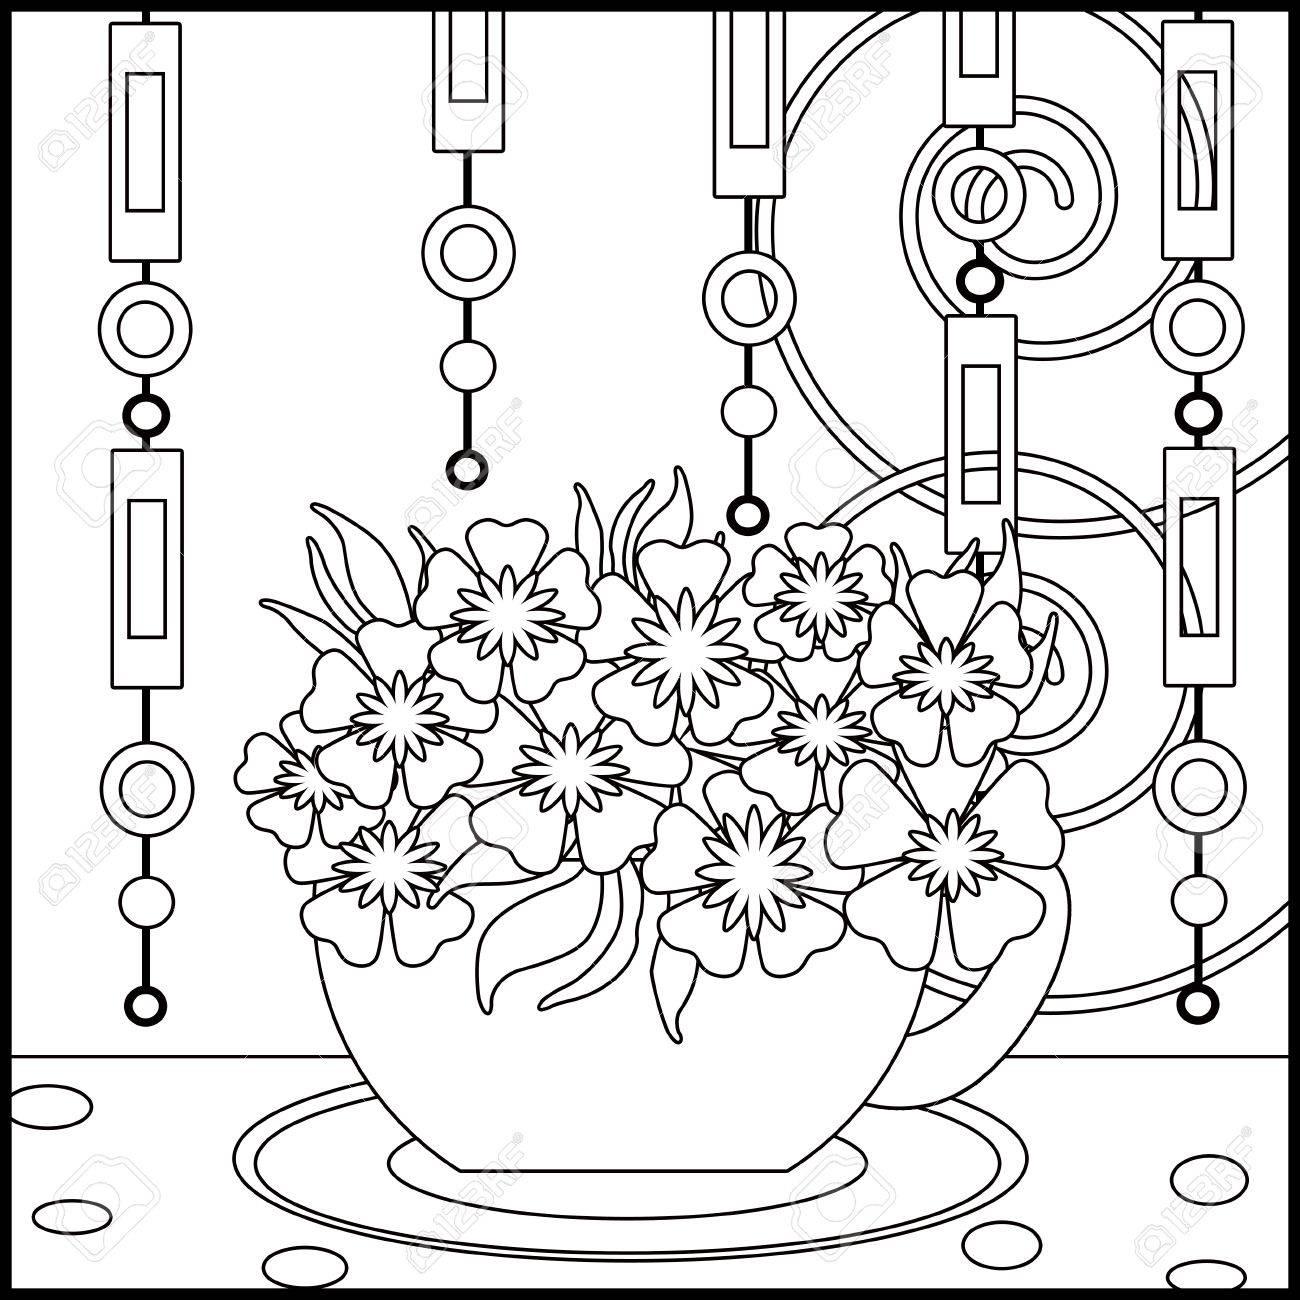 pattern for menu wallpaper pattern fills - Coloring Book Wallpaper